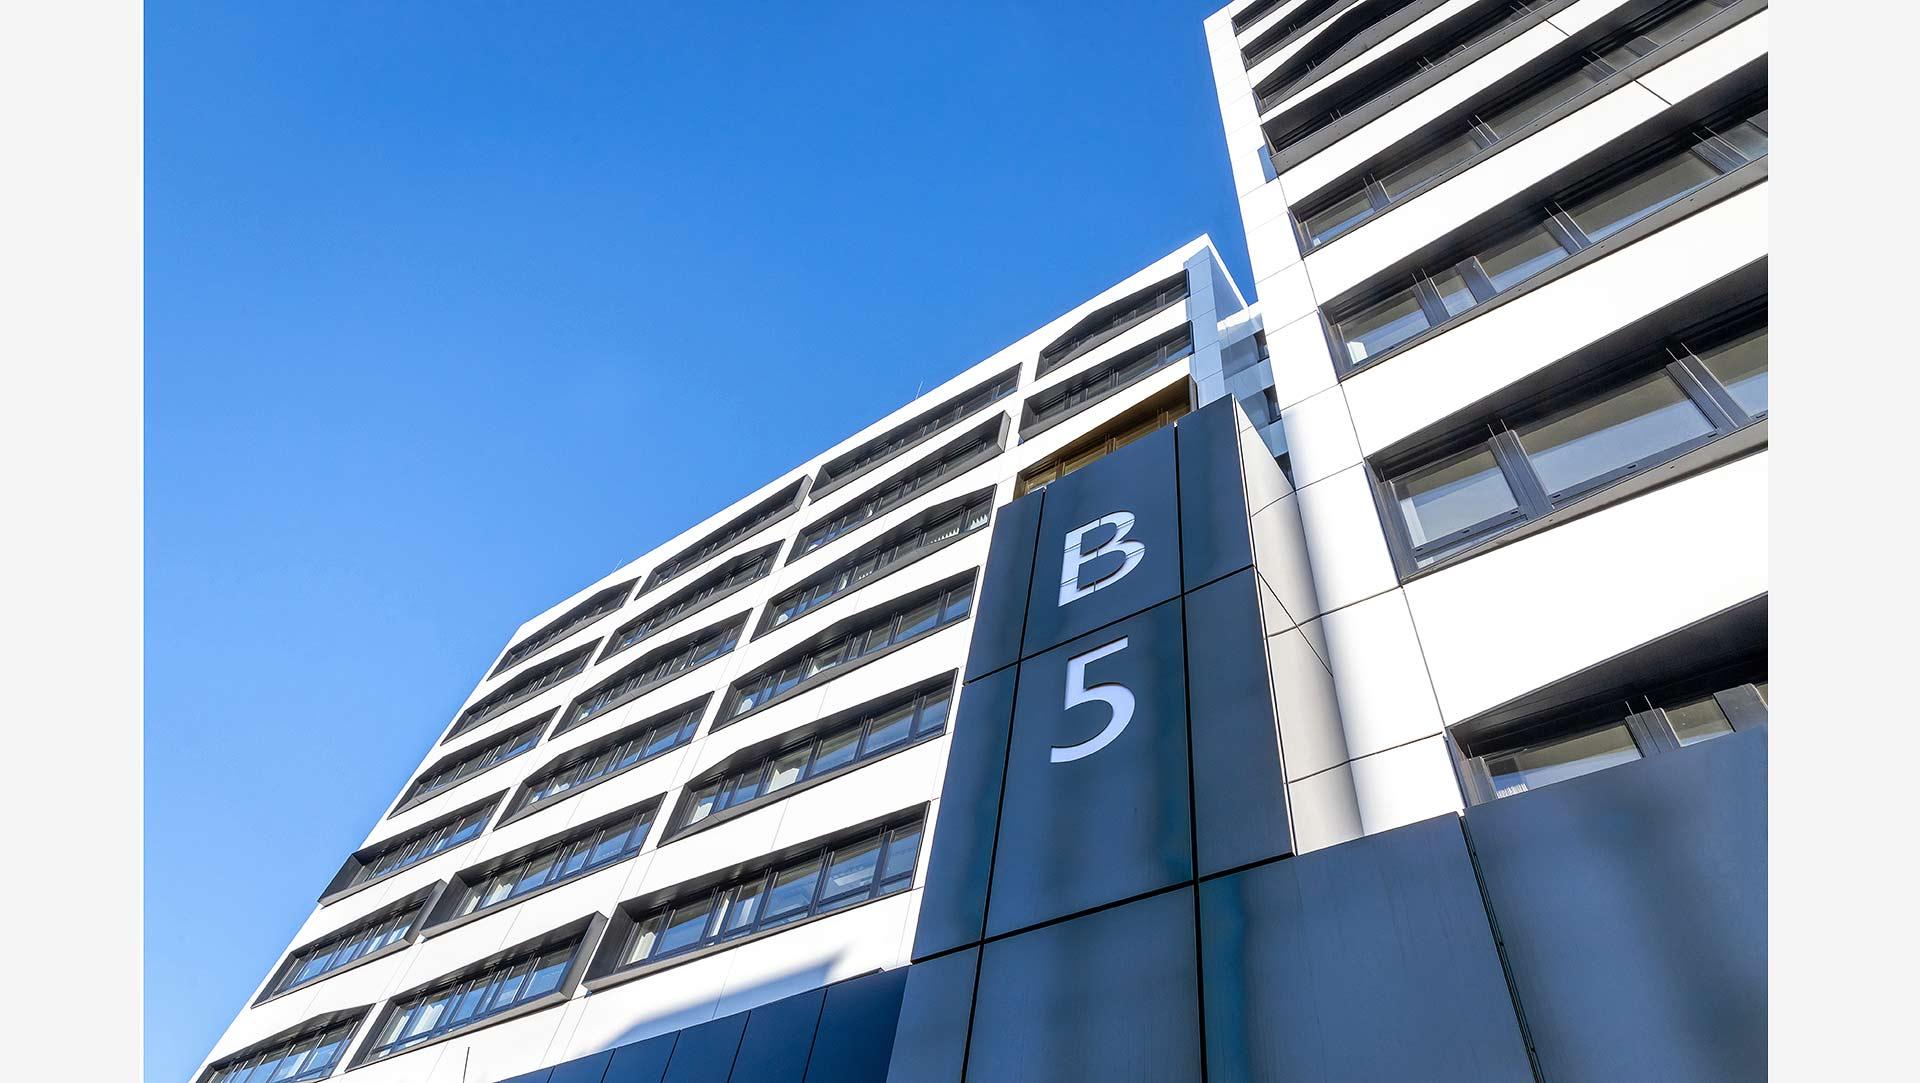 architekturfotos-berlin-gebaeudefotos-dynamische-perspektive